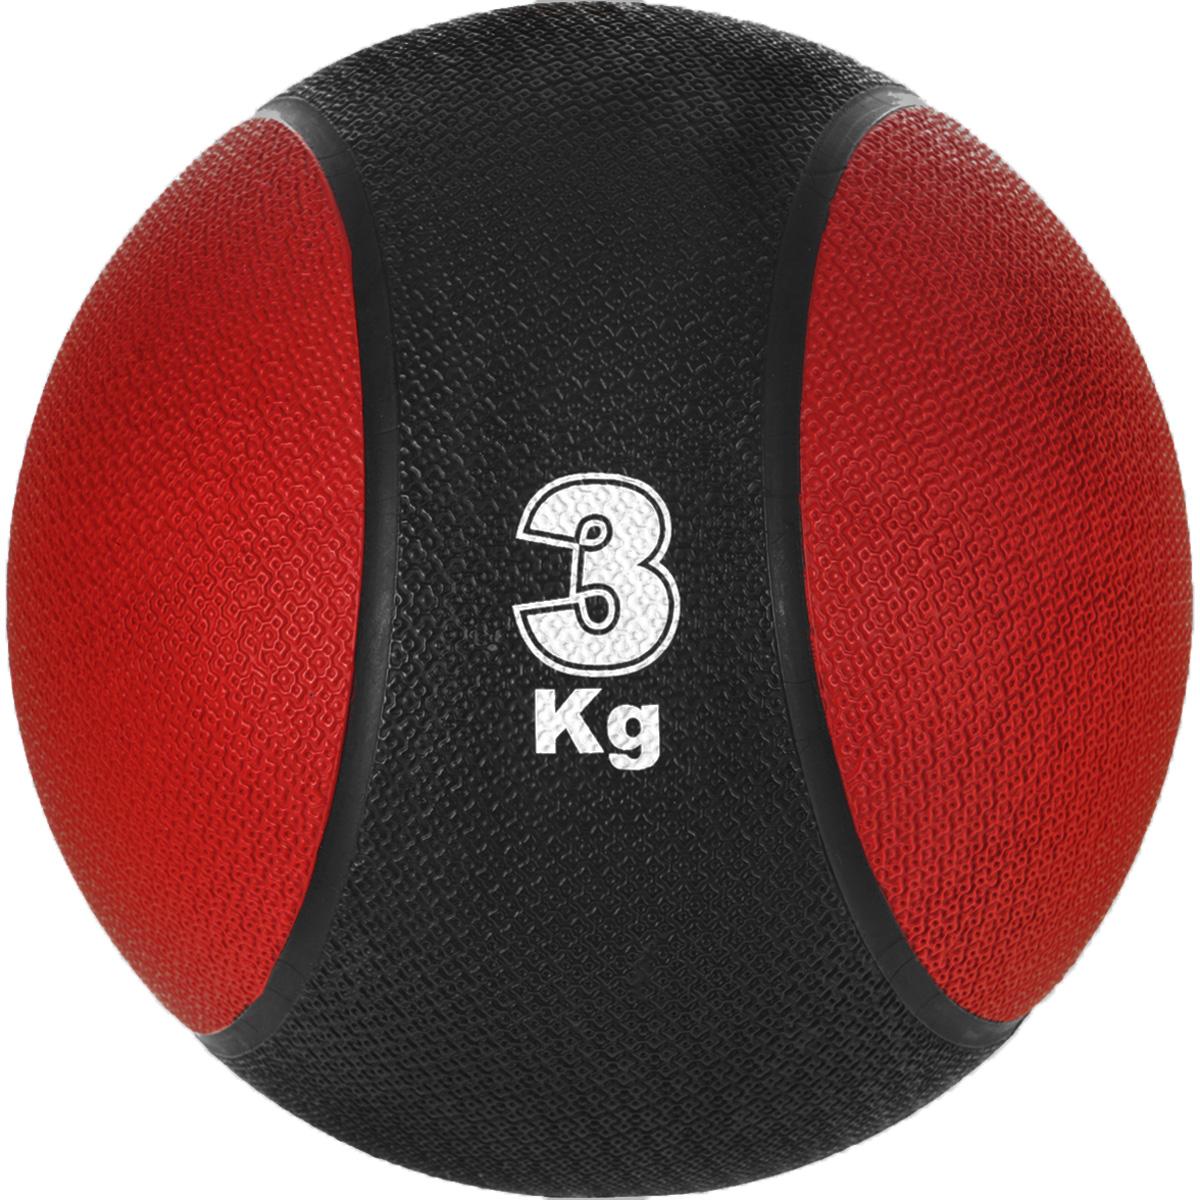 Медицинбол Start Up MBR3, цвет: черный, красный, 3 кг, 22 см527Медицинбол Start Up MBR3 - тренировочный мяч, который прекрасно подходит для занятий фитнесом, аэробикой или ЛФК (лечебной физкультурой). Шероховатая поверхность не дает ему выскользнуть из рук. Предназначен для укрепления мышц плечевого пояса, спины, рук и ног. Мяч выполнен из резины, наполнен также резиной.